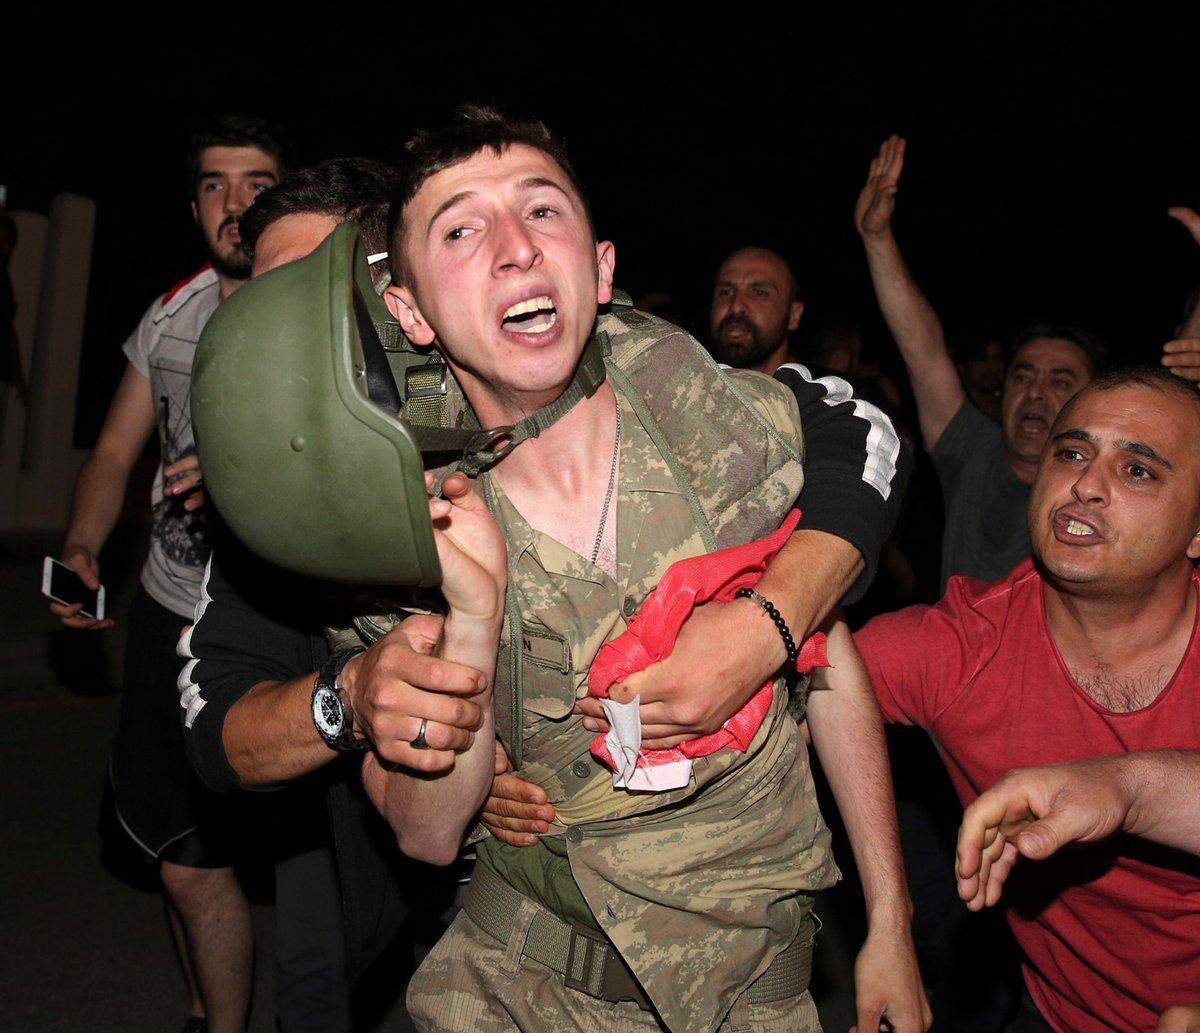 Golpe fallito, inizia la resa dei conti: centinaia di militari arrestati